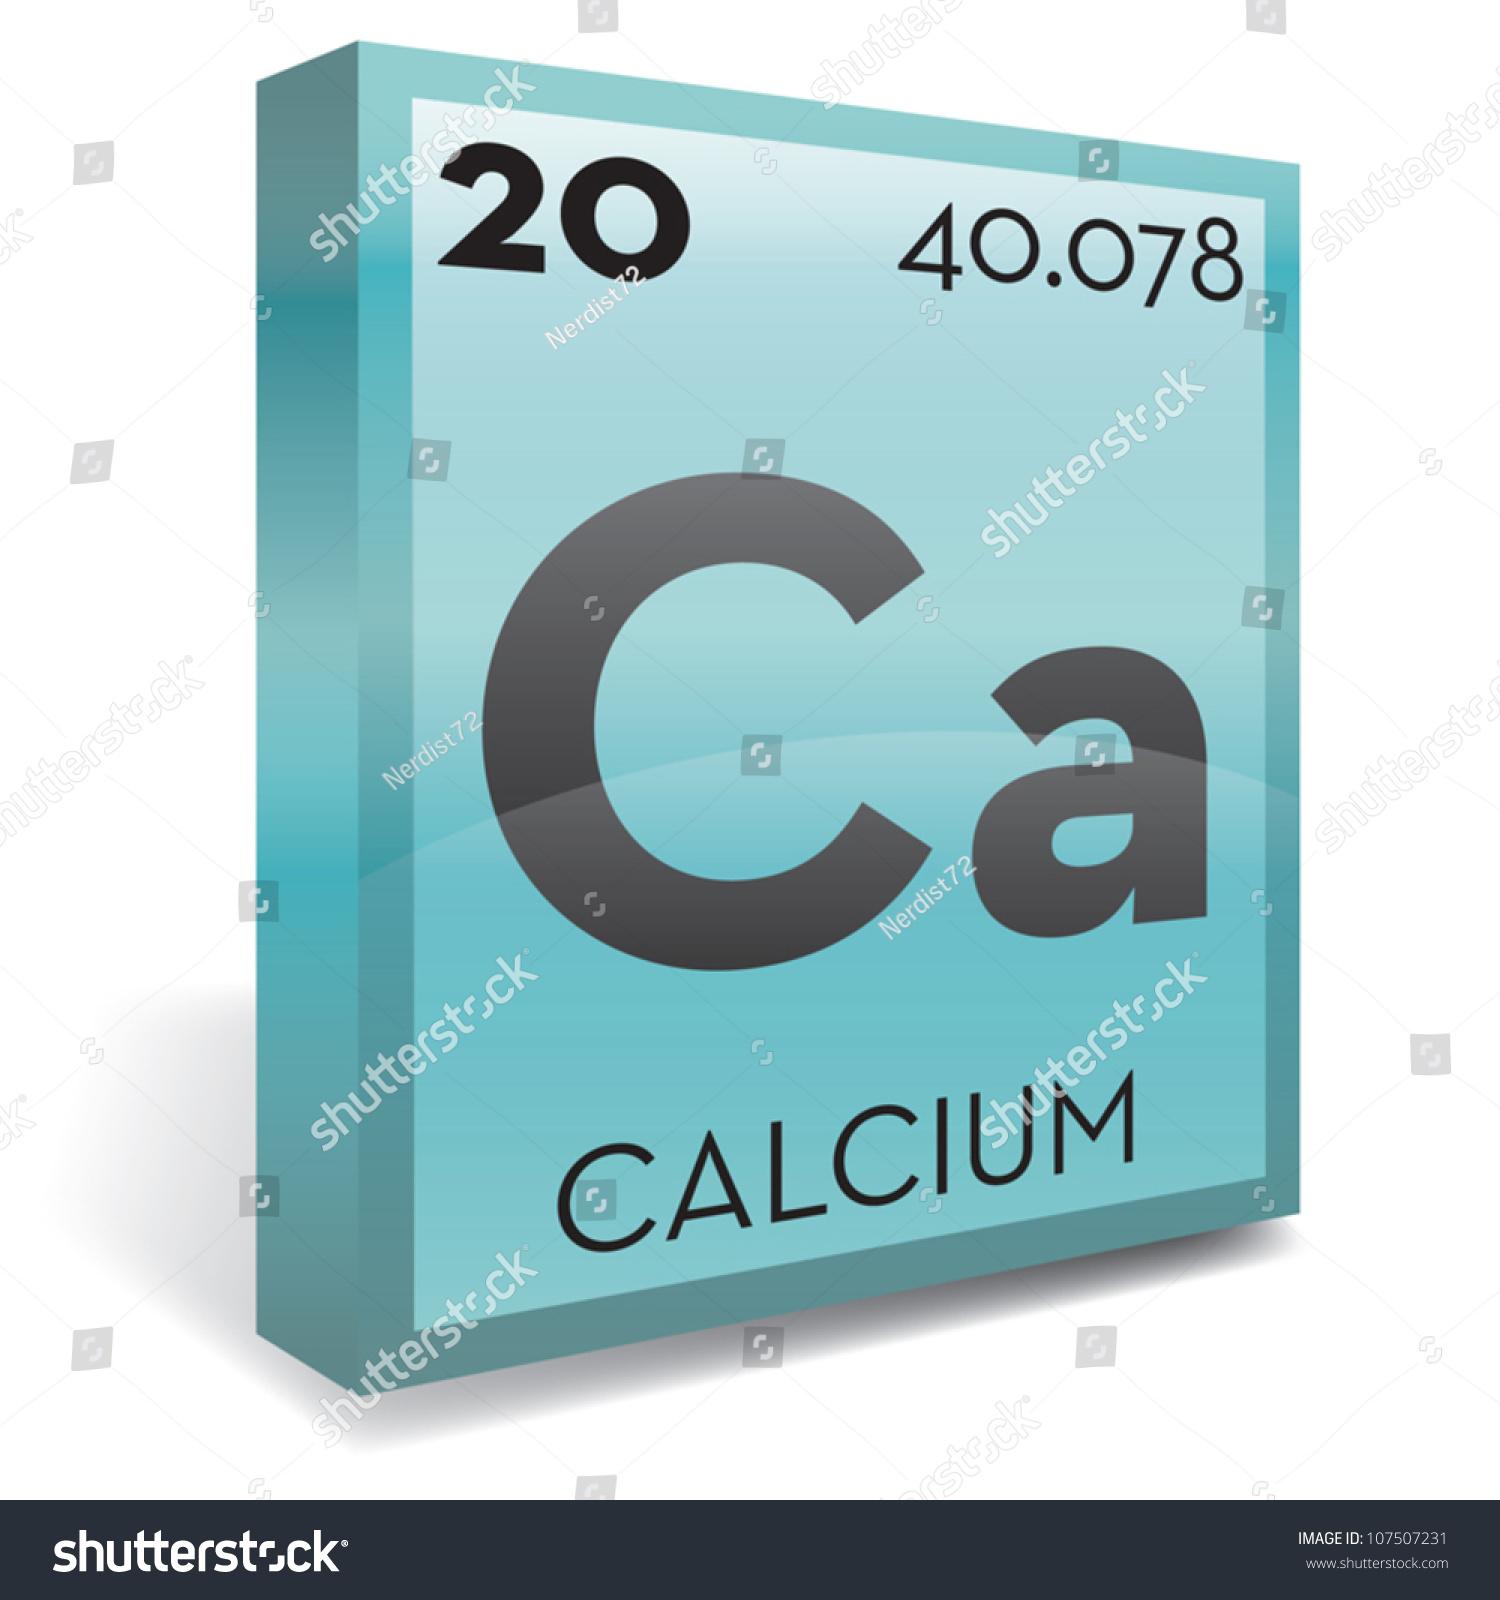 Calcium element periodic table stock vector 107507231 shutterstock calcium element periodic table gamestrikefo Images